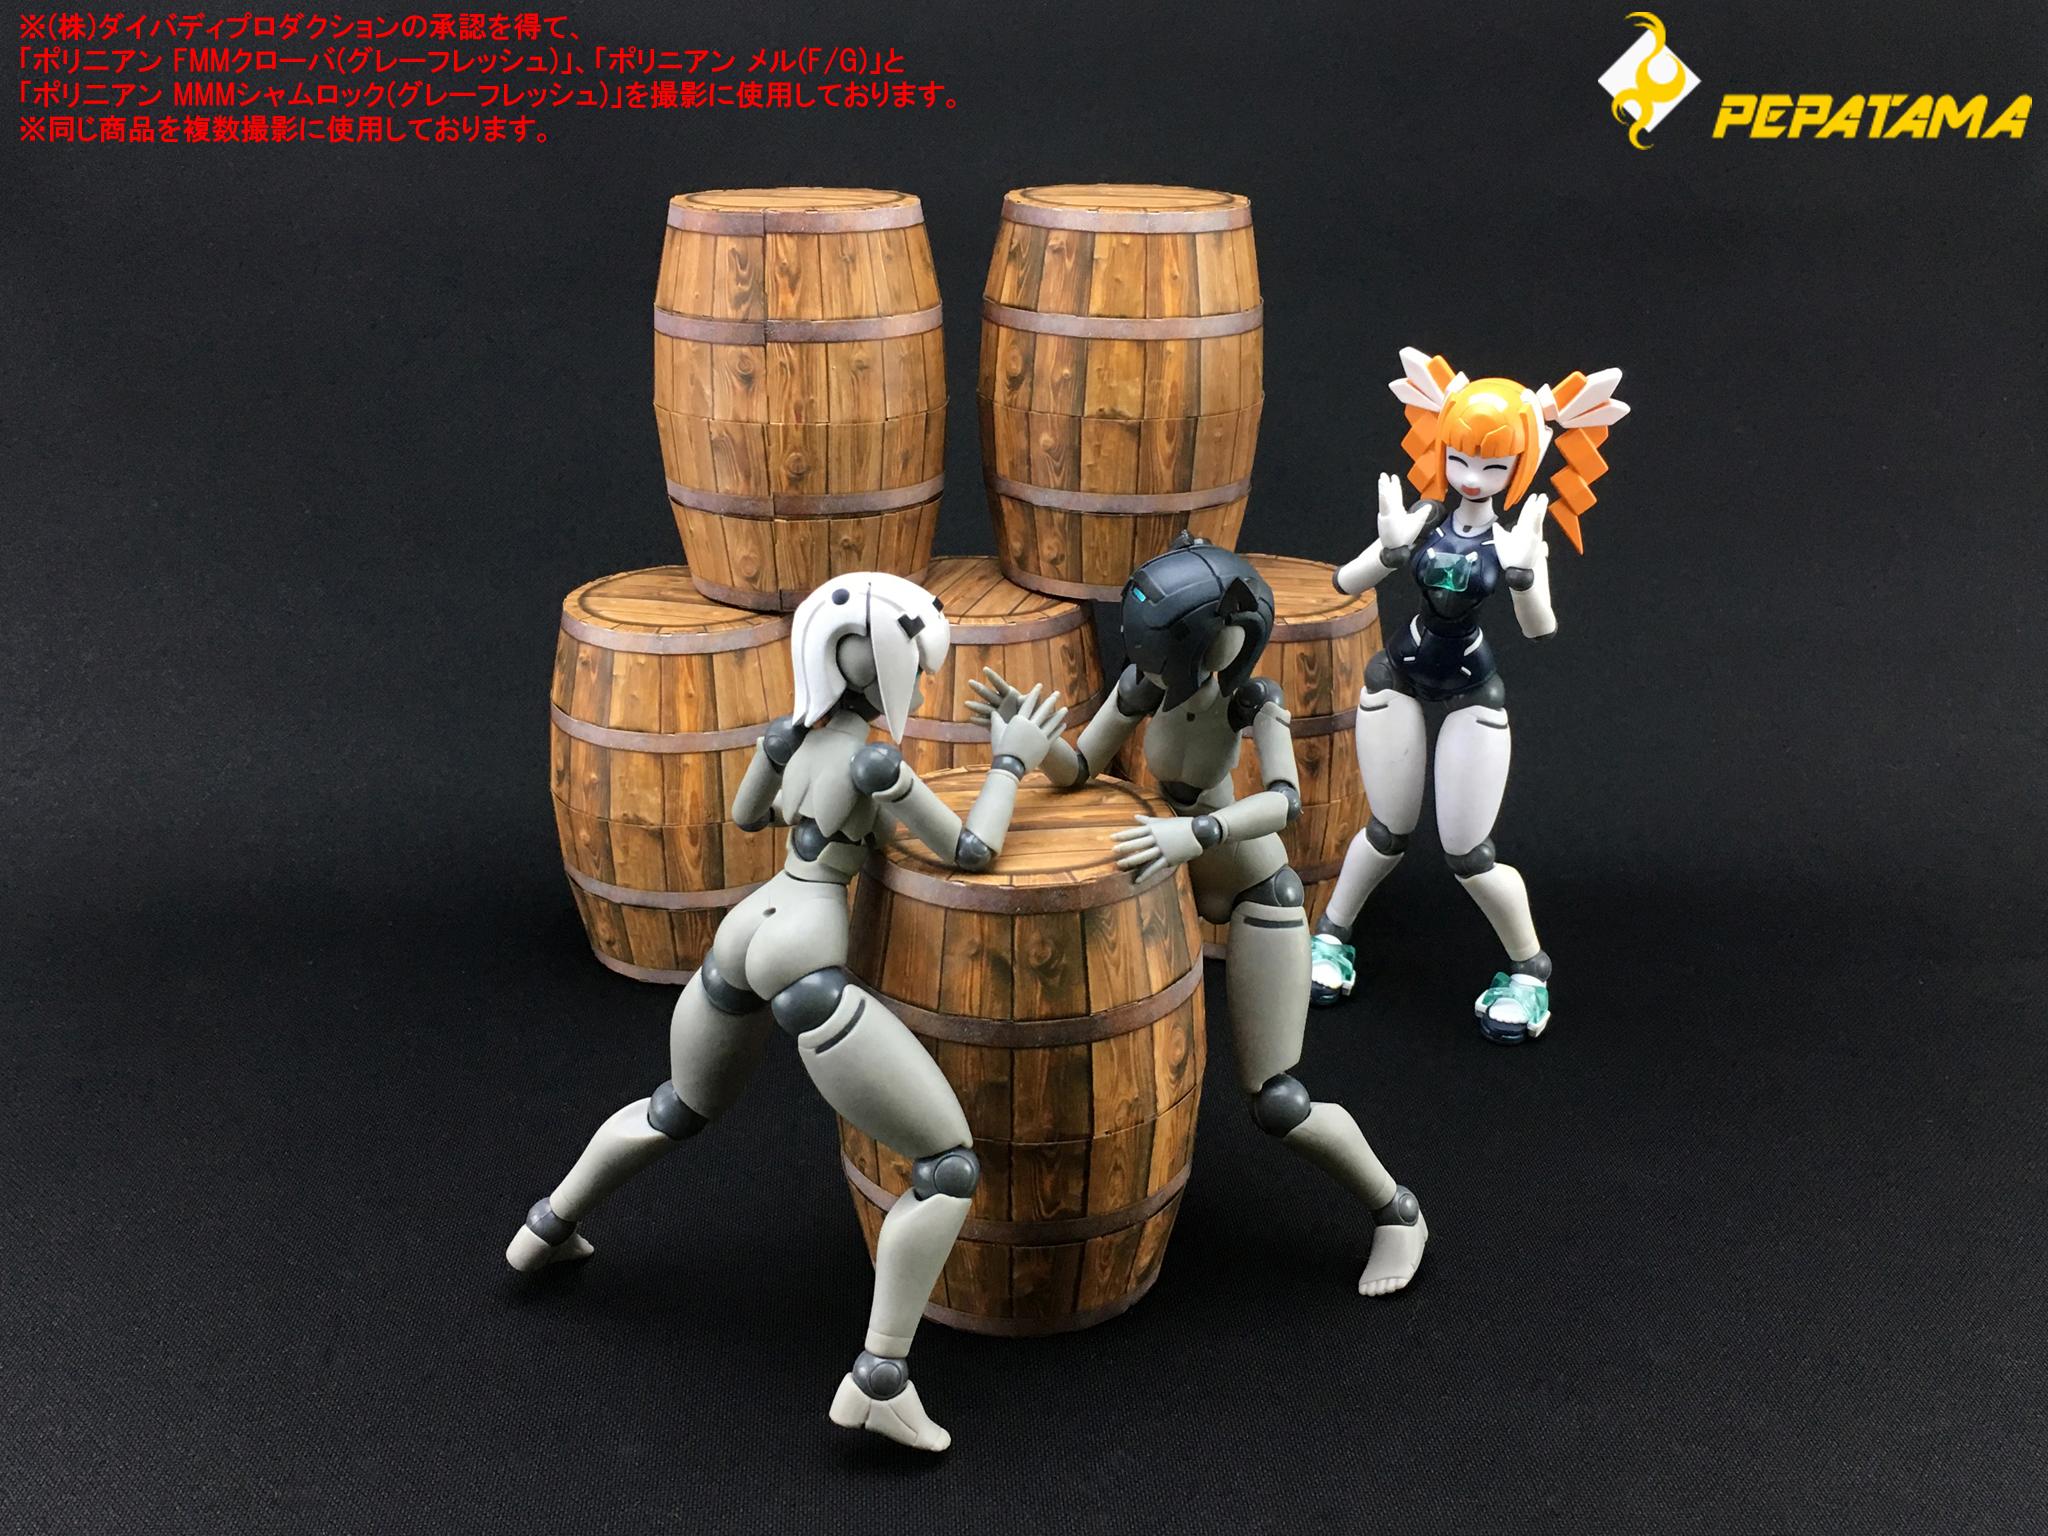 【可動フィギュア用に】「樽」「パレットA」「SF地面」ペパクラ 【予約開始】